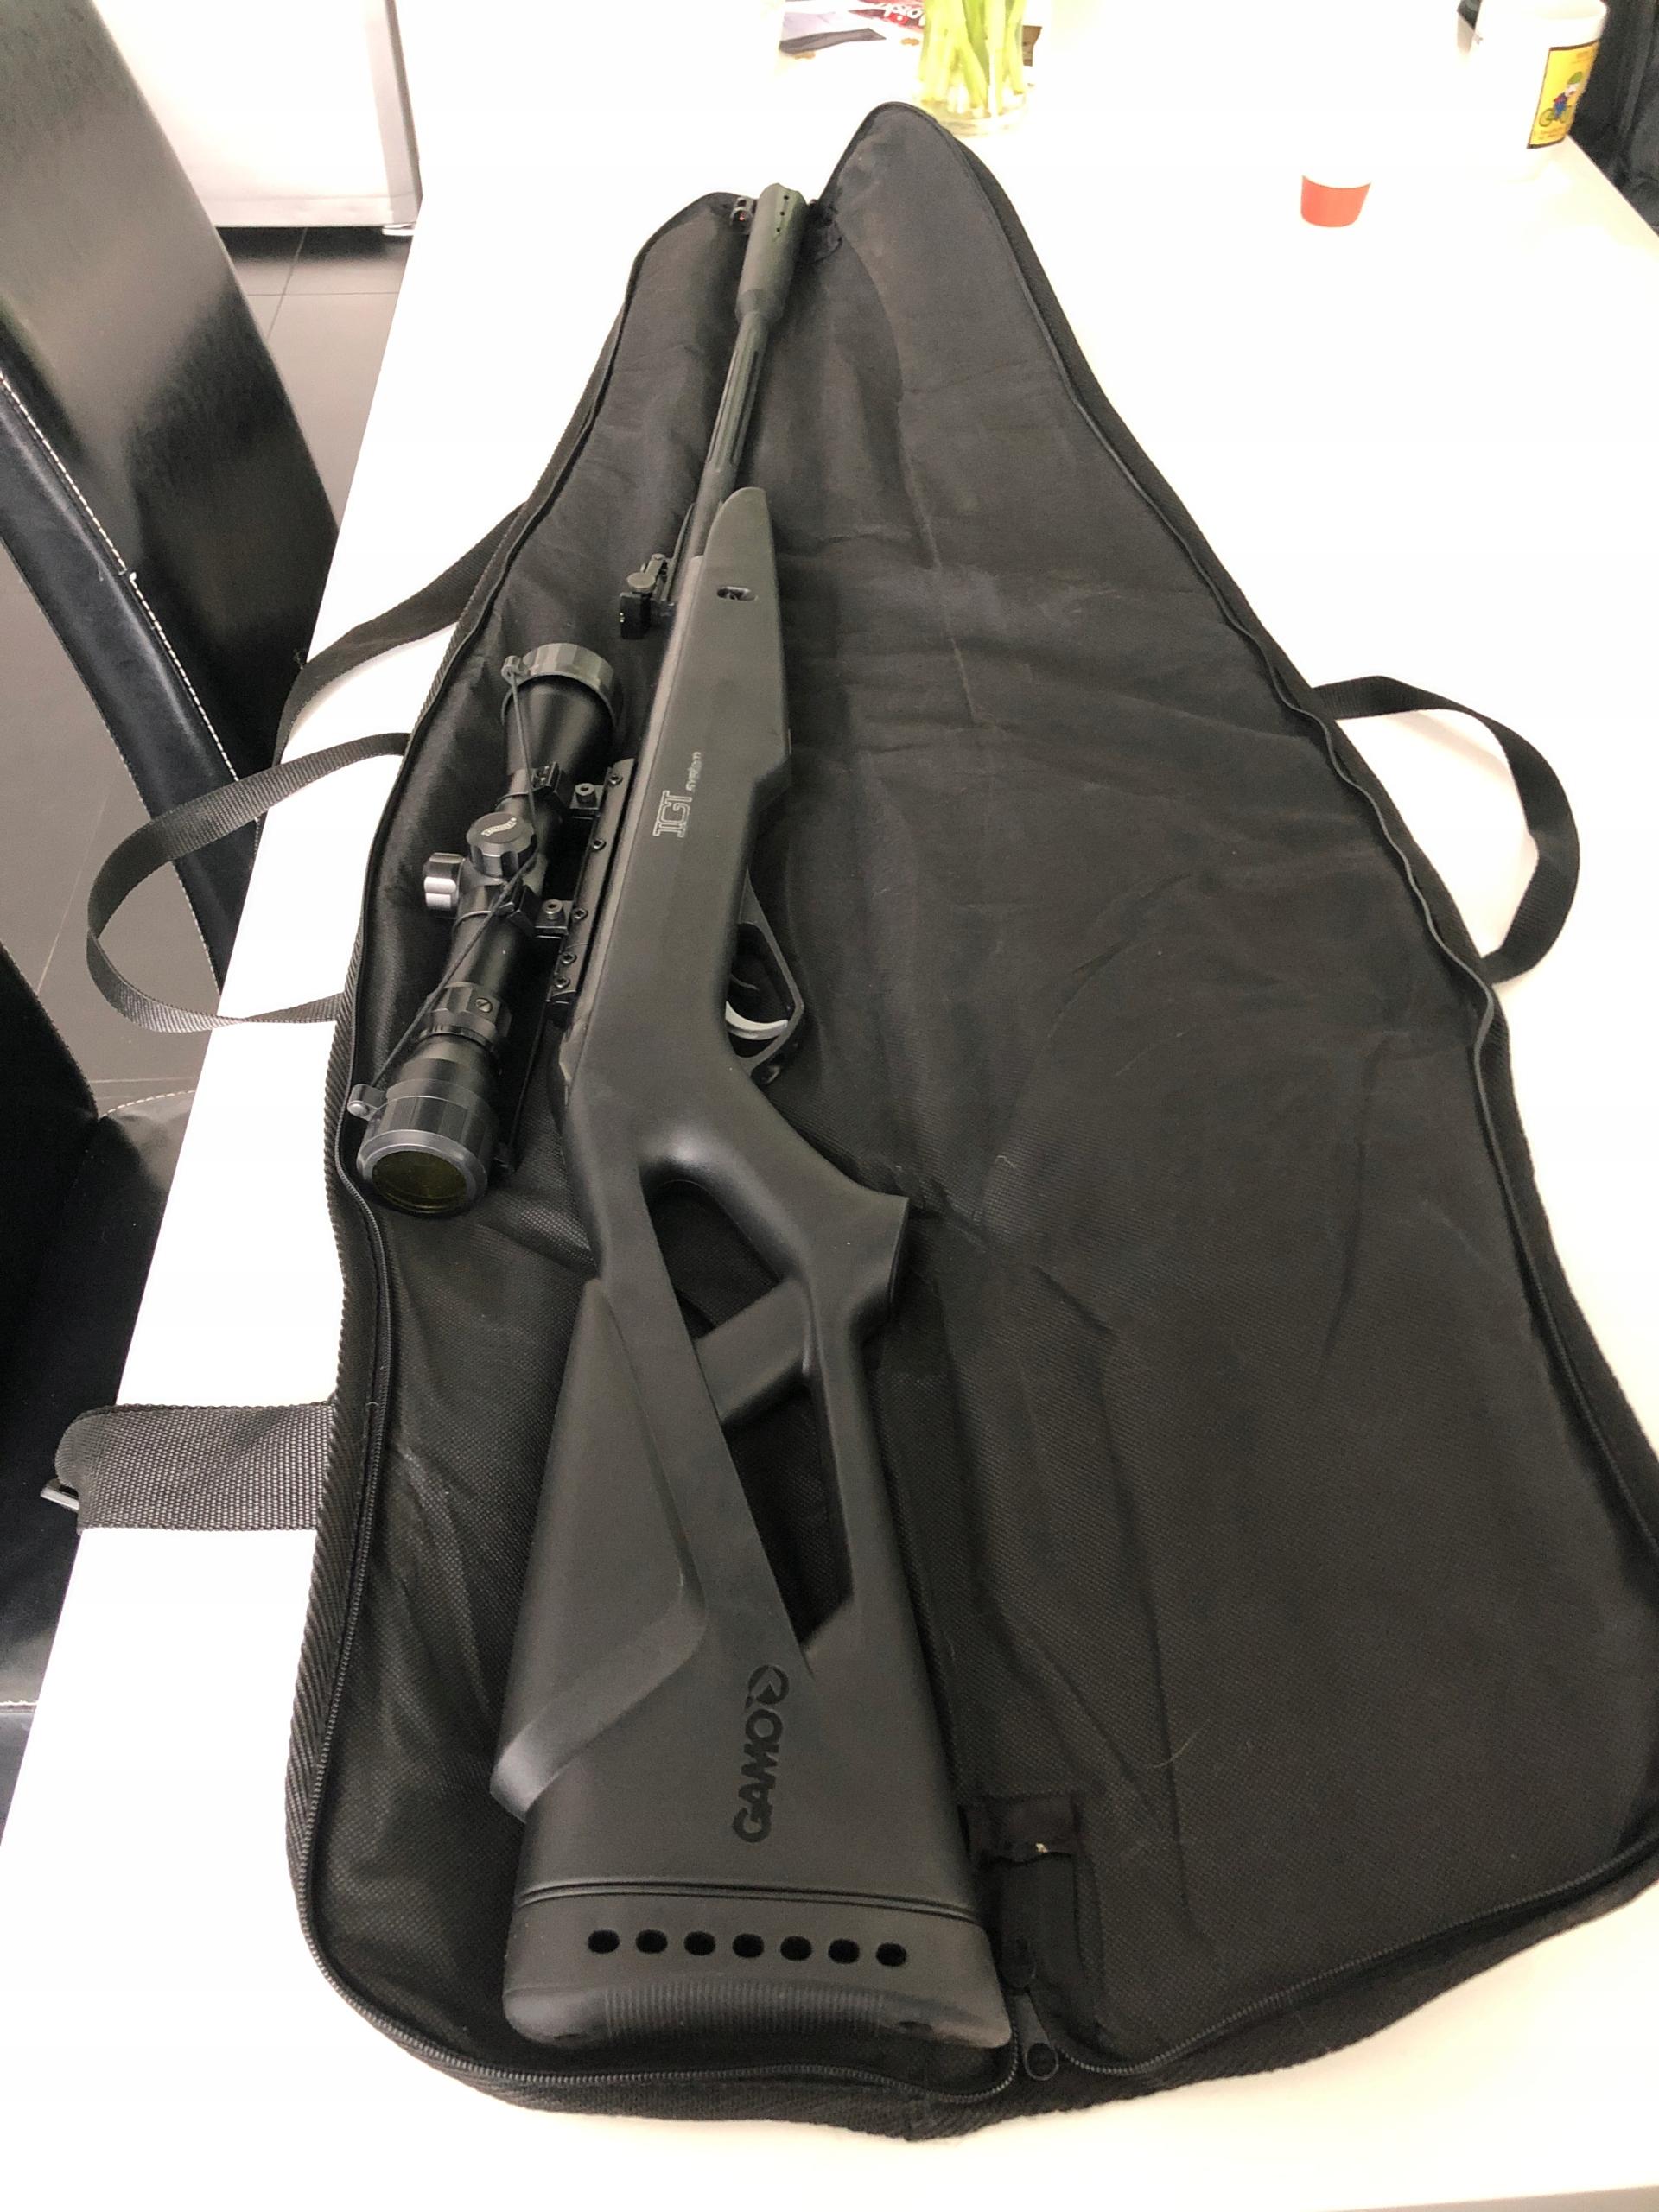 Wiatrówka Gamo Whisper IGT luneta Walther 3-9x40